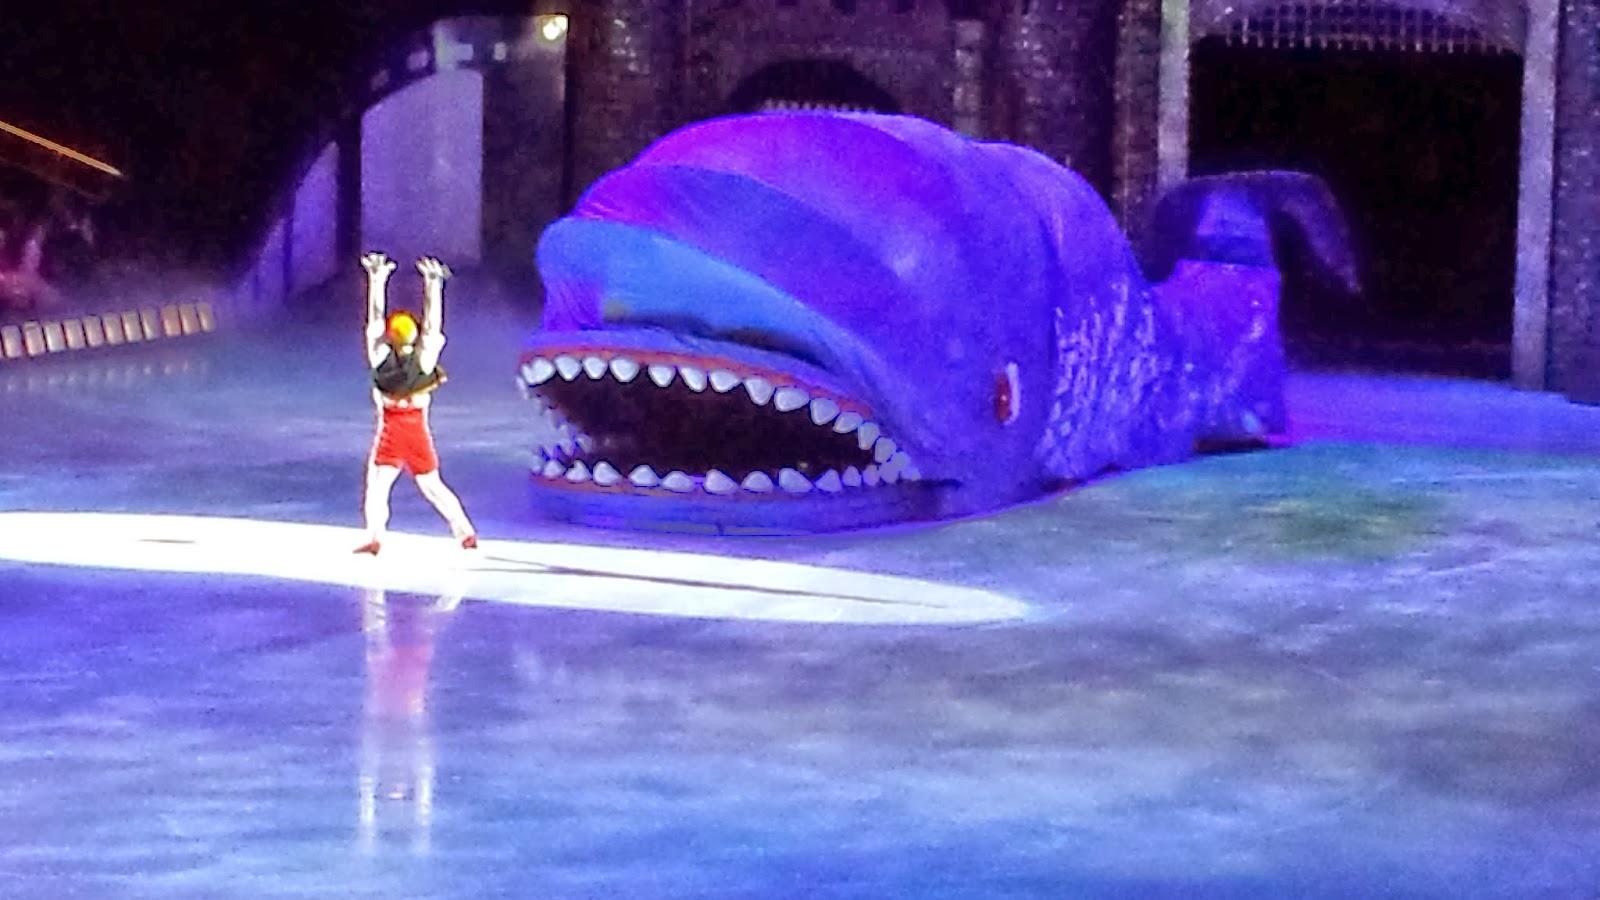 Monstro | Disney Wiki | FANDOM powered by Wikia